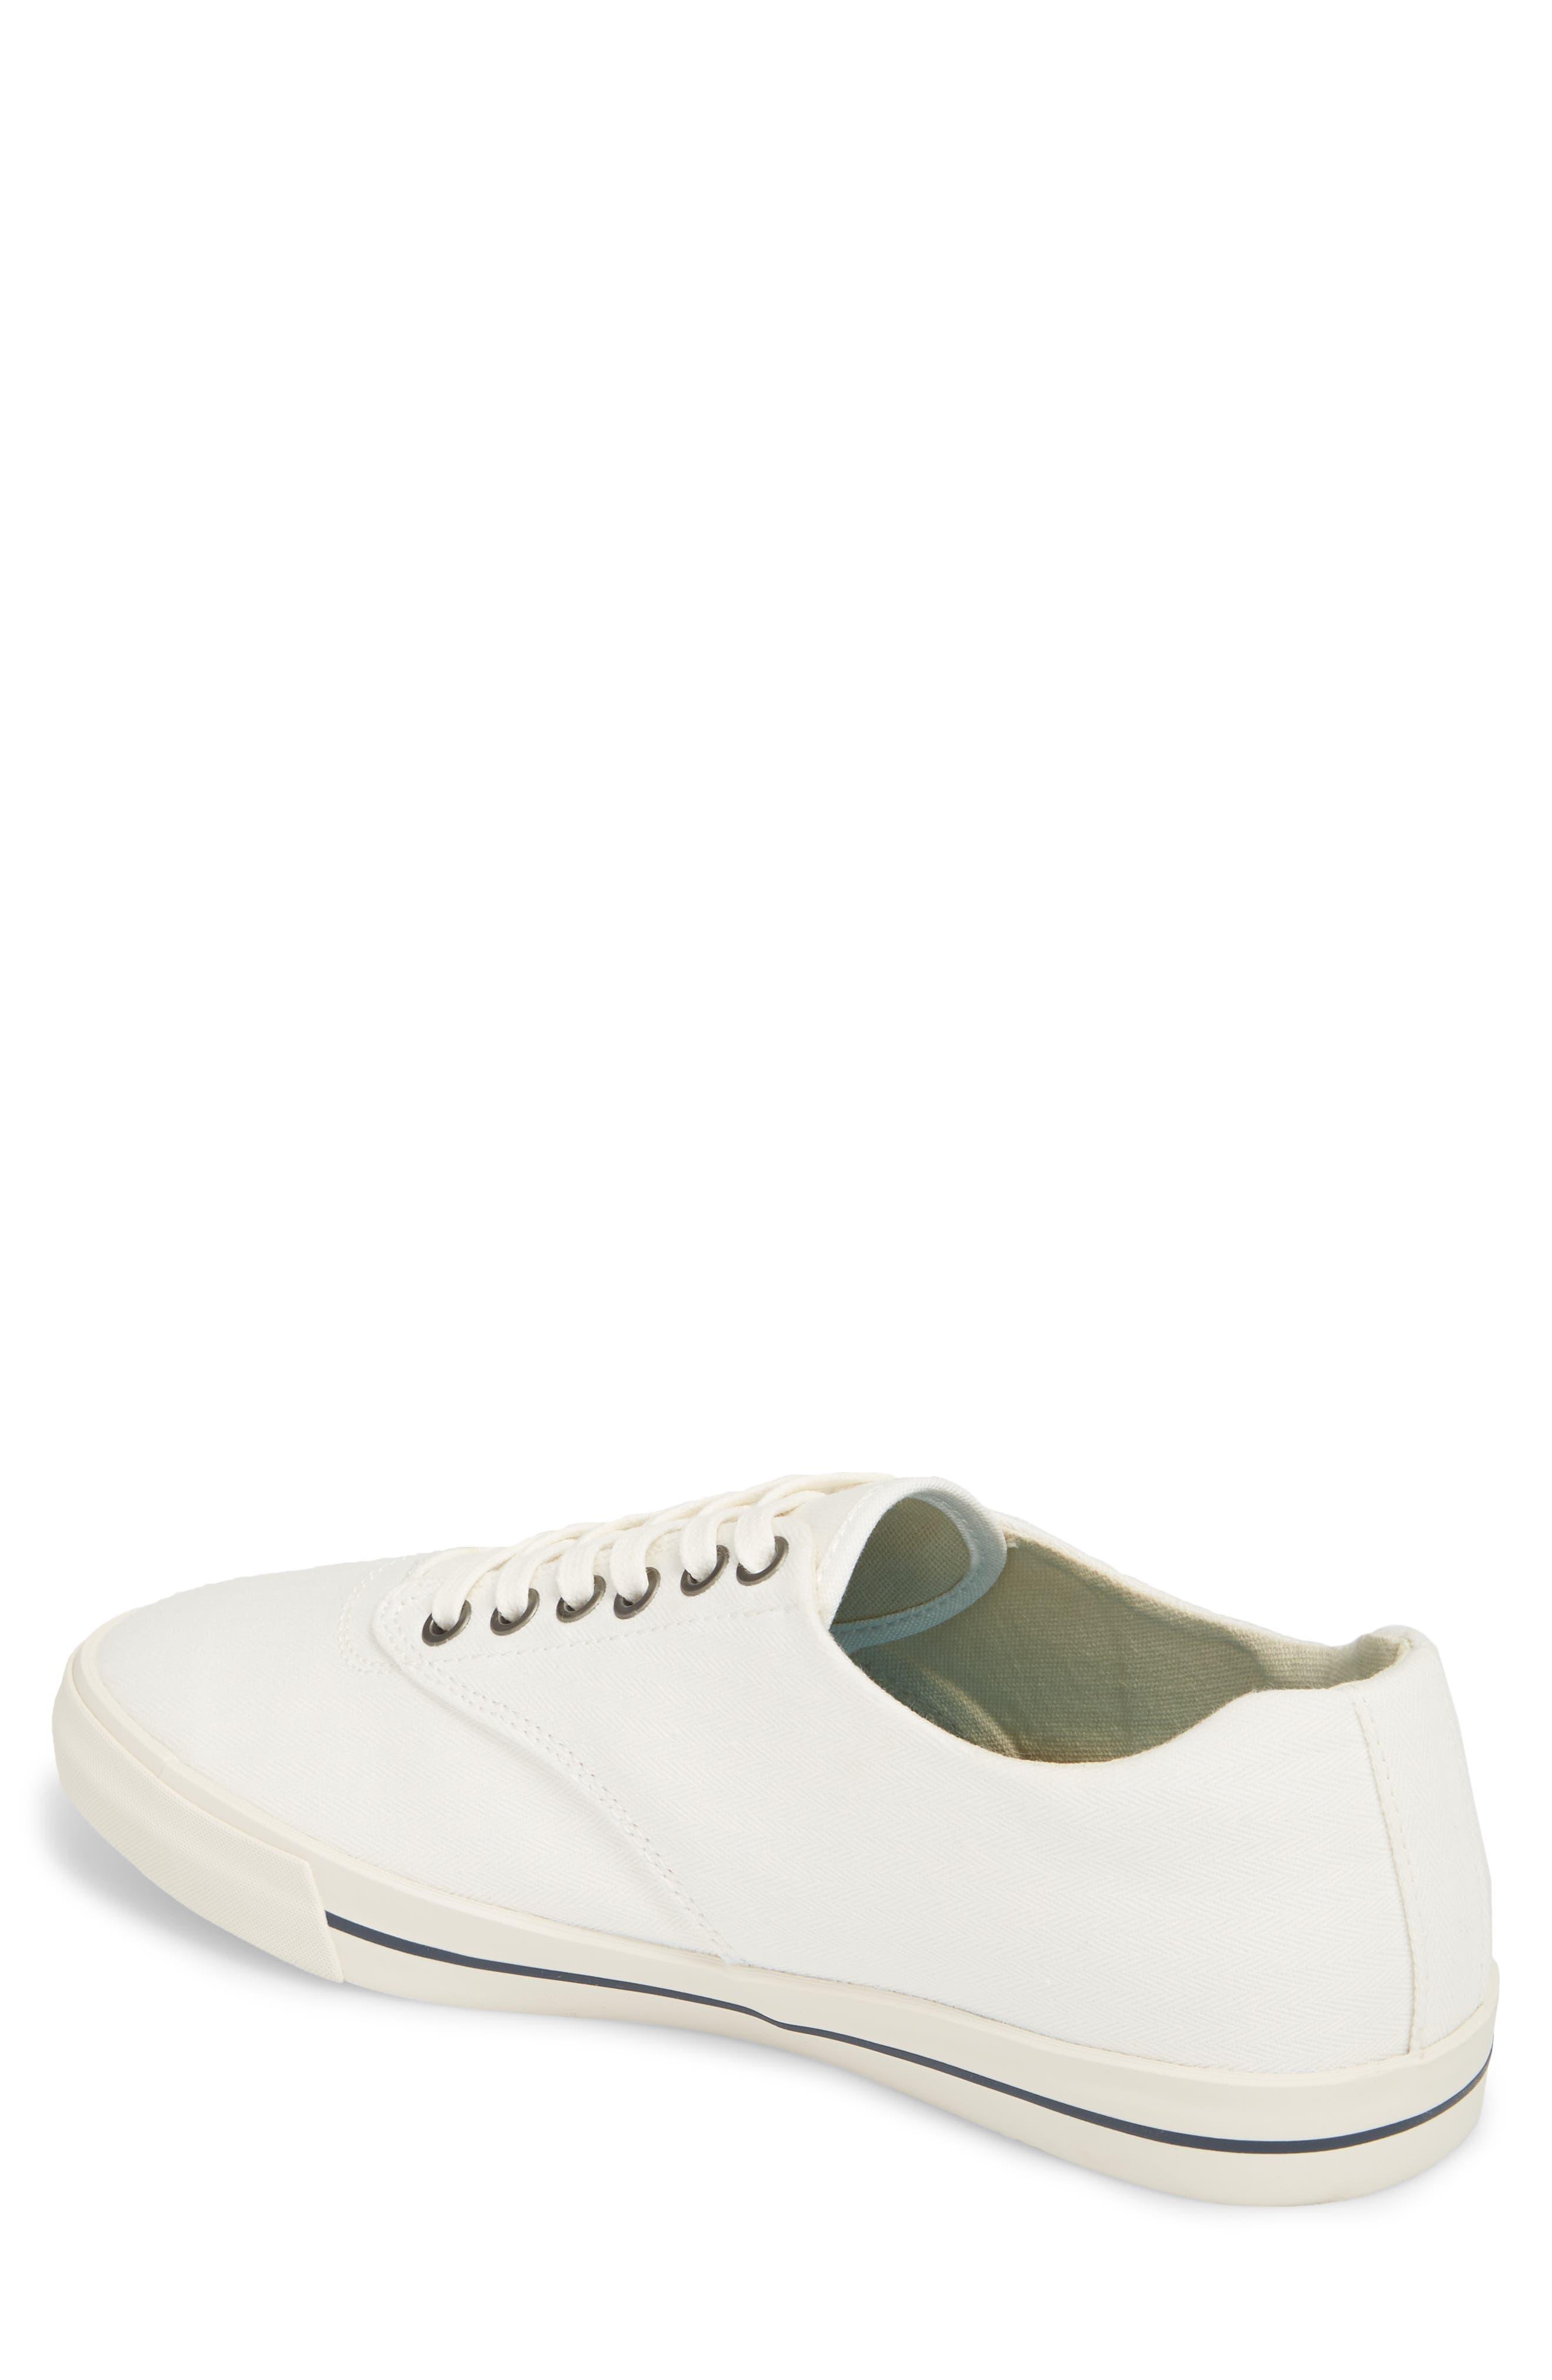 Hermosa Plimsoll Sneaker,                             Alternate thumbnail 2, color,                             BLEACH WHITE